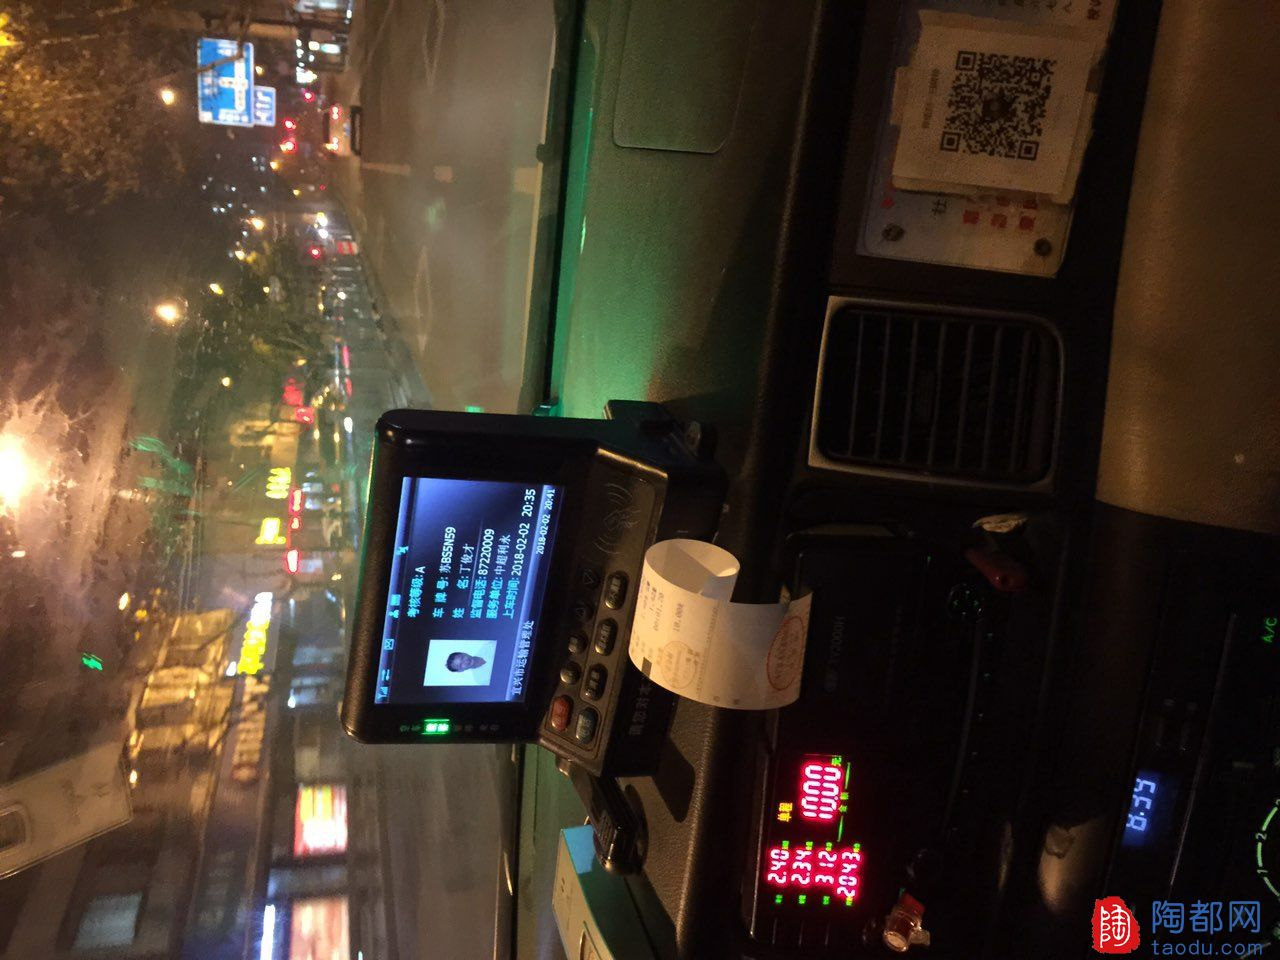 昨晚我在城北大润发打了一个滴滴打车,是出租车,然后